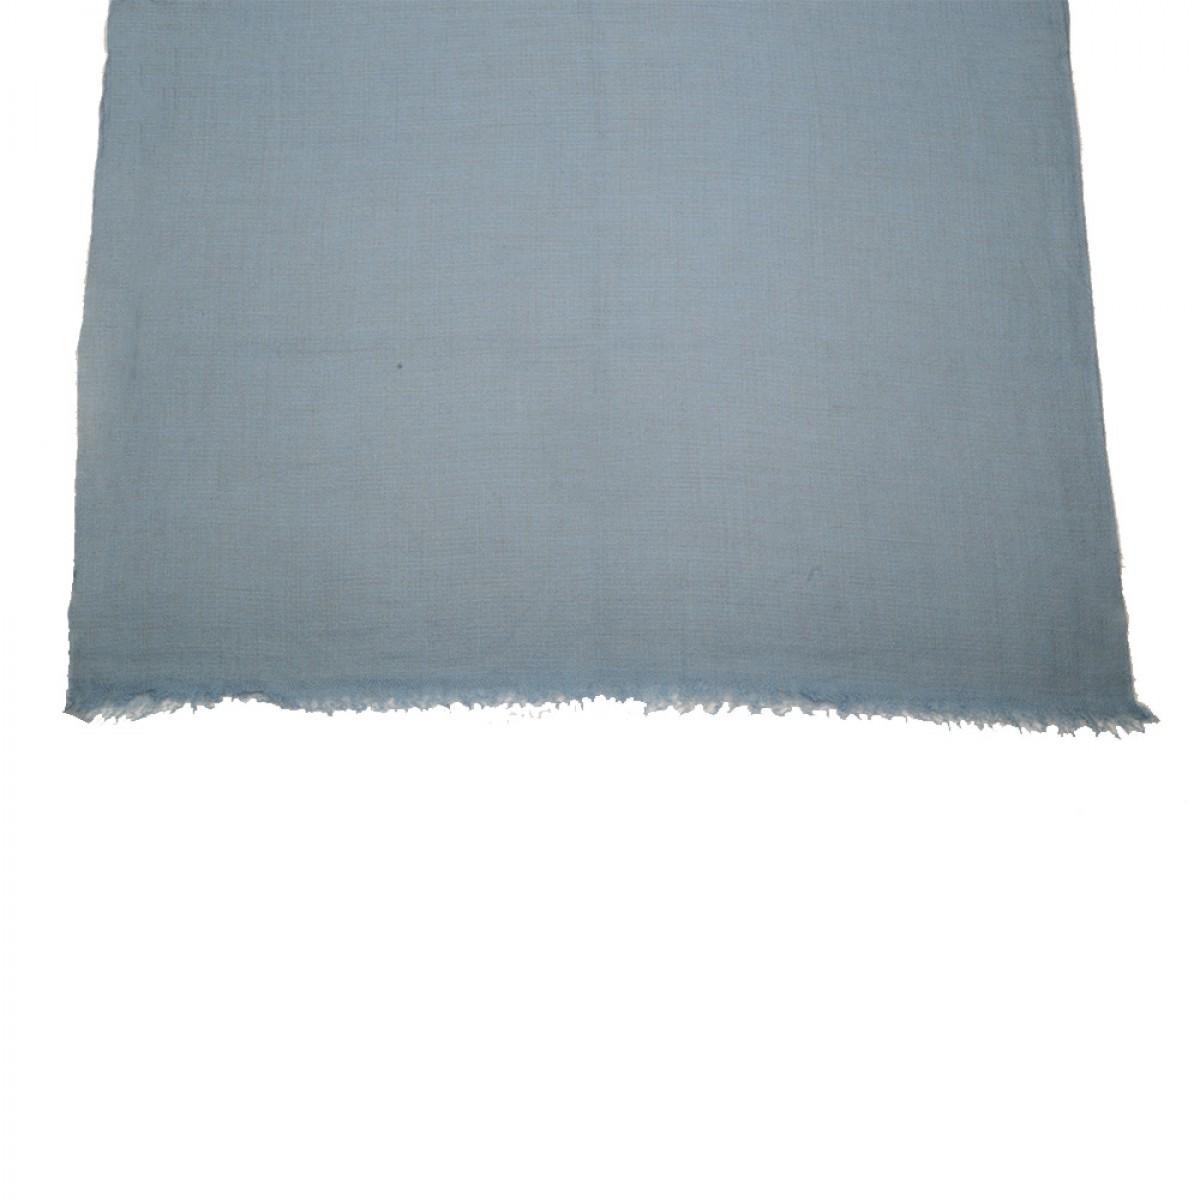 Plain Pashmina Stole - Pigeon Blue